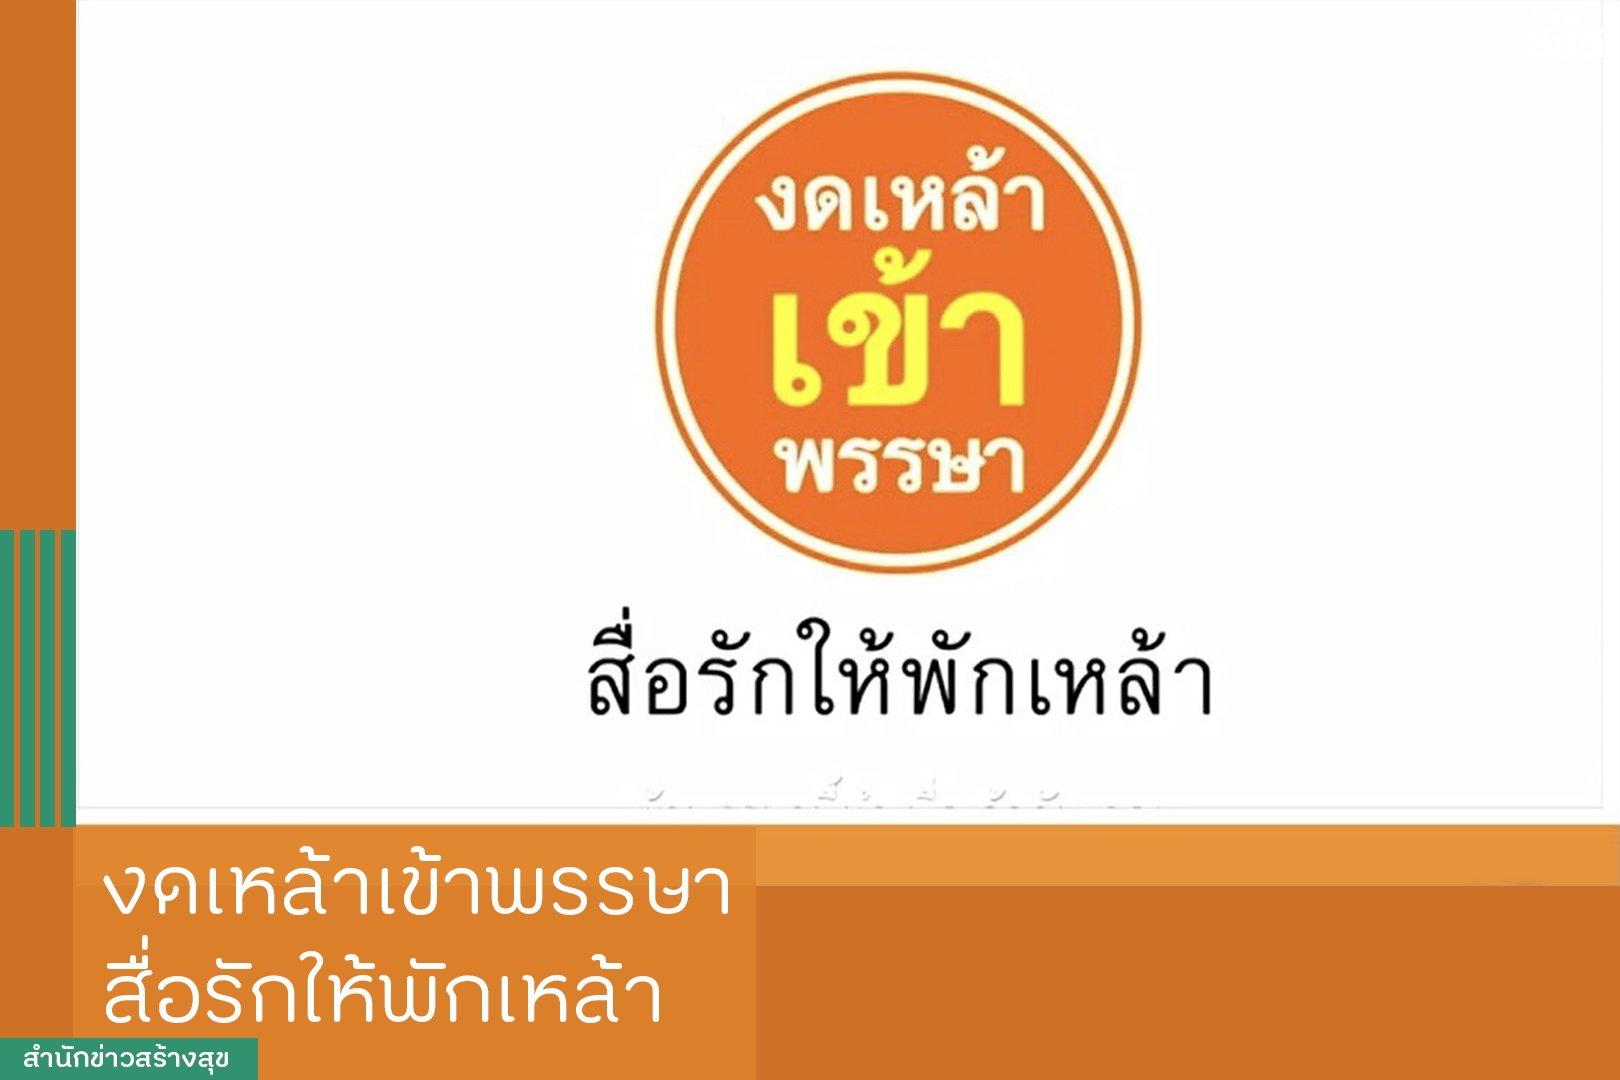 งดเหล้าเข้าพรรษา สื่อรักให้พักเหล้า thaihealth